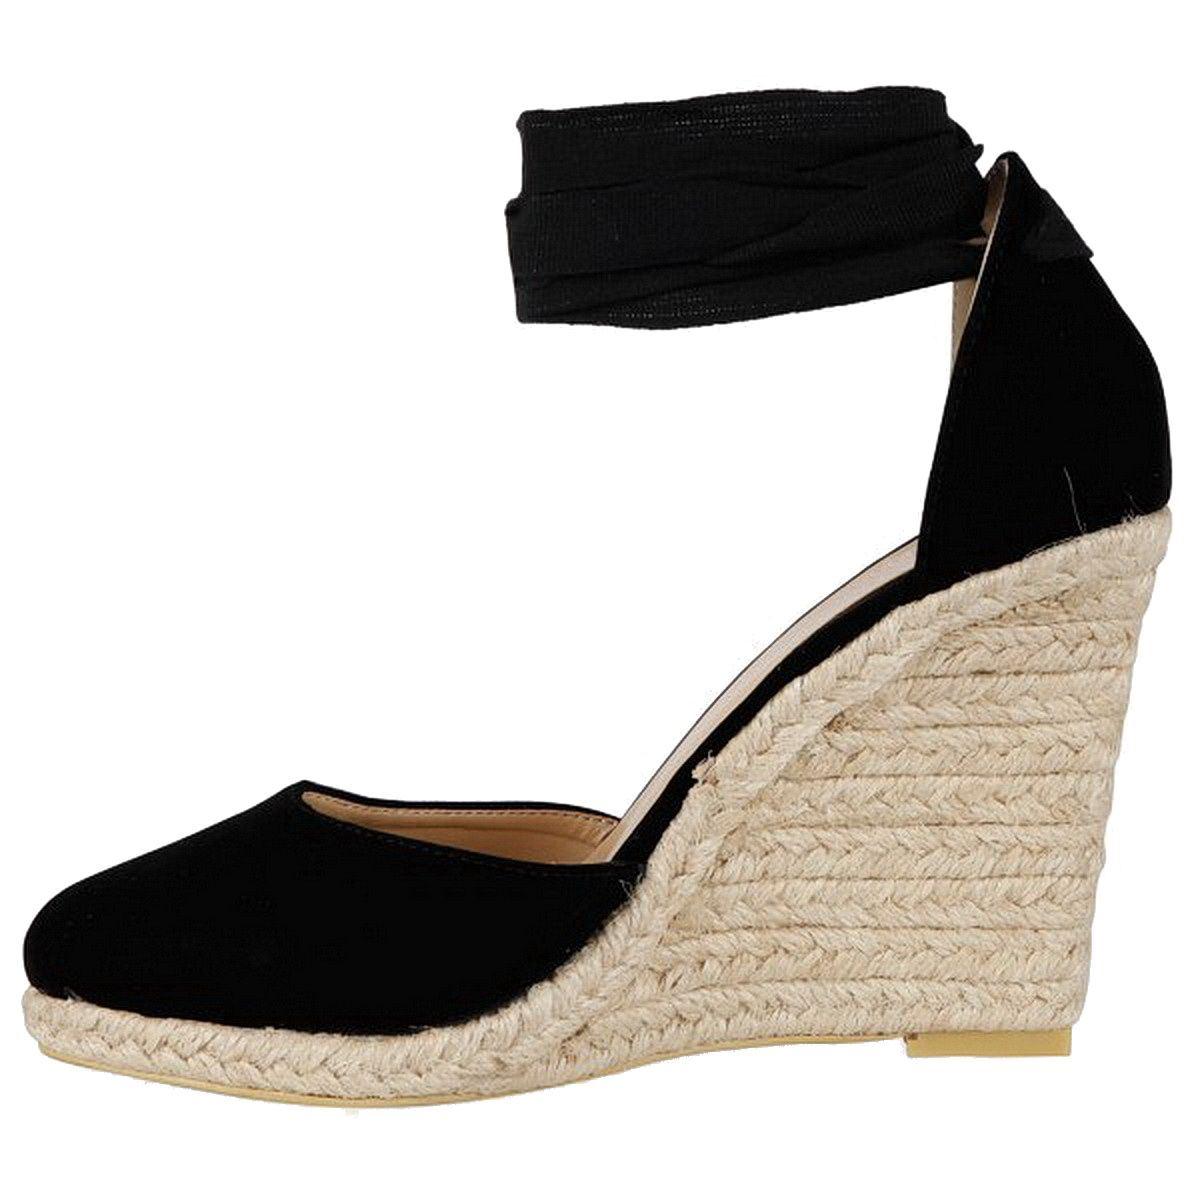 femme lacets cheville sangle espadrille talon haut compens sandales chaussures taille ebay. Black Bedroom Furniture Sets. Home Design Ideas